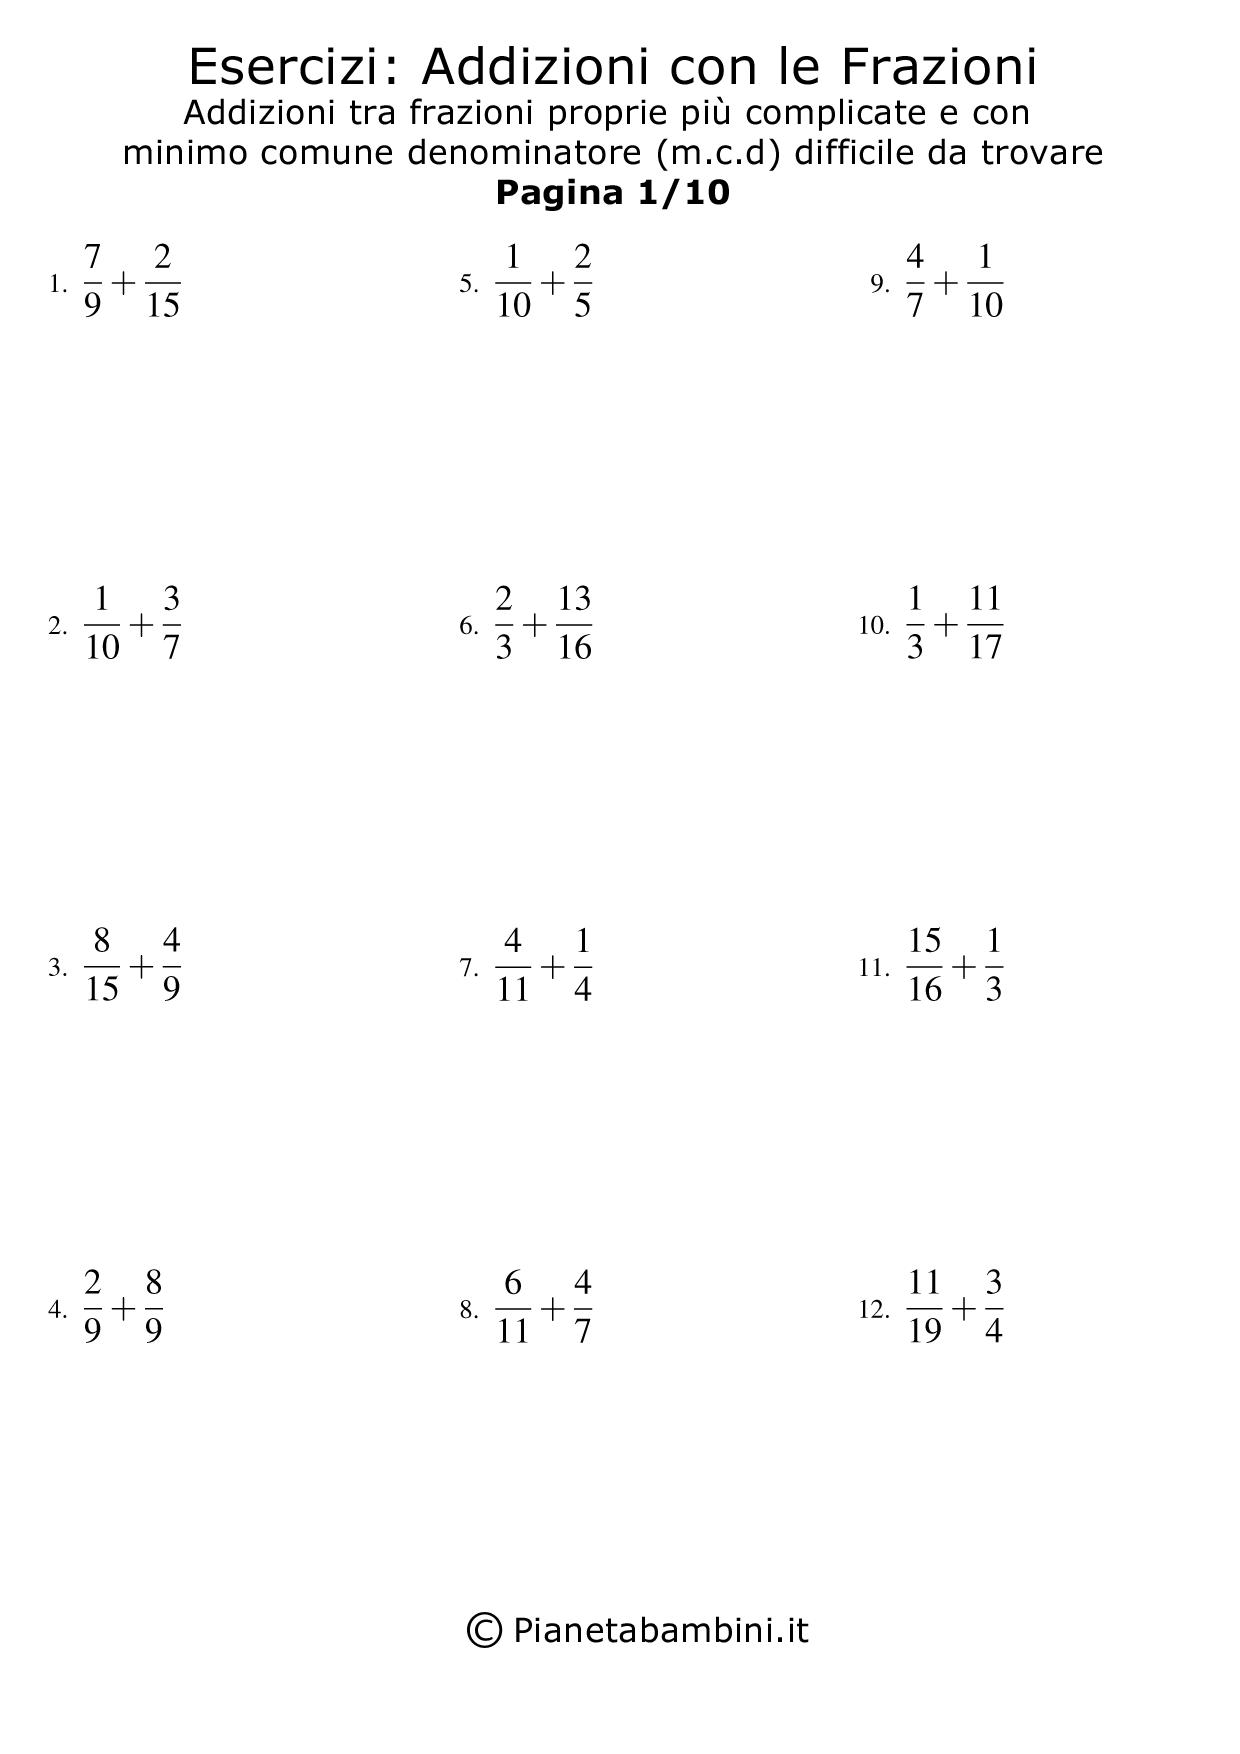 Frazioni-Difficili-m.c.d-difficile_01